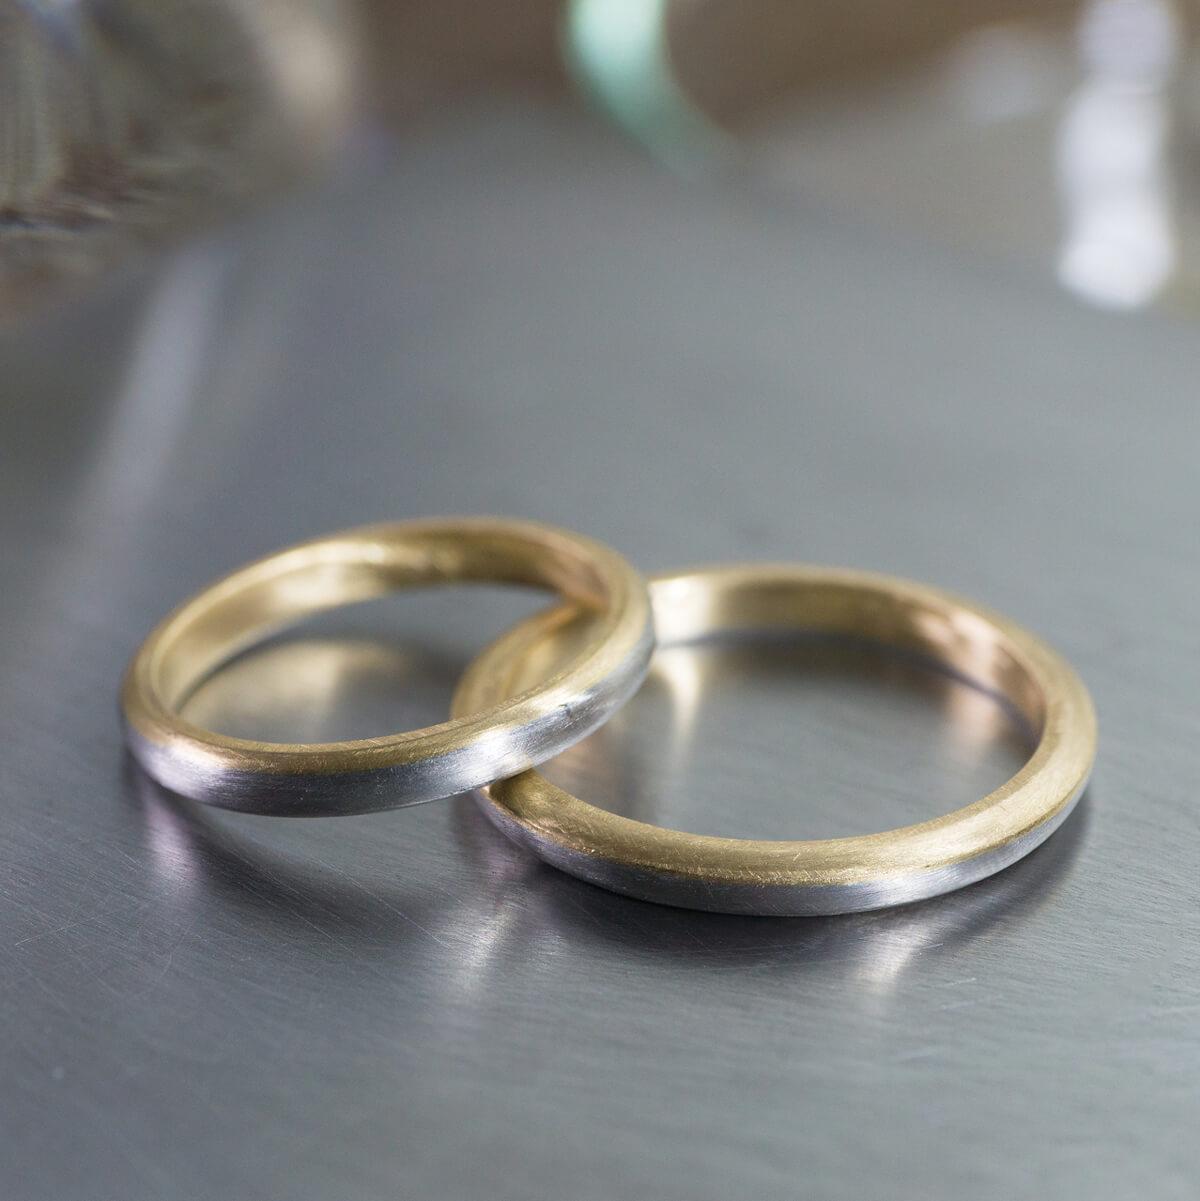 オーダーメイドマリッジリング ジュエリーのアトリエ プラチナ、ゴールド 屋久島の海モチーフ 屋久島でつくる結婚指輪